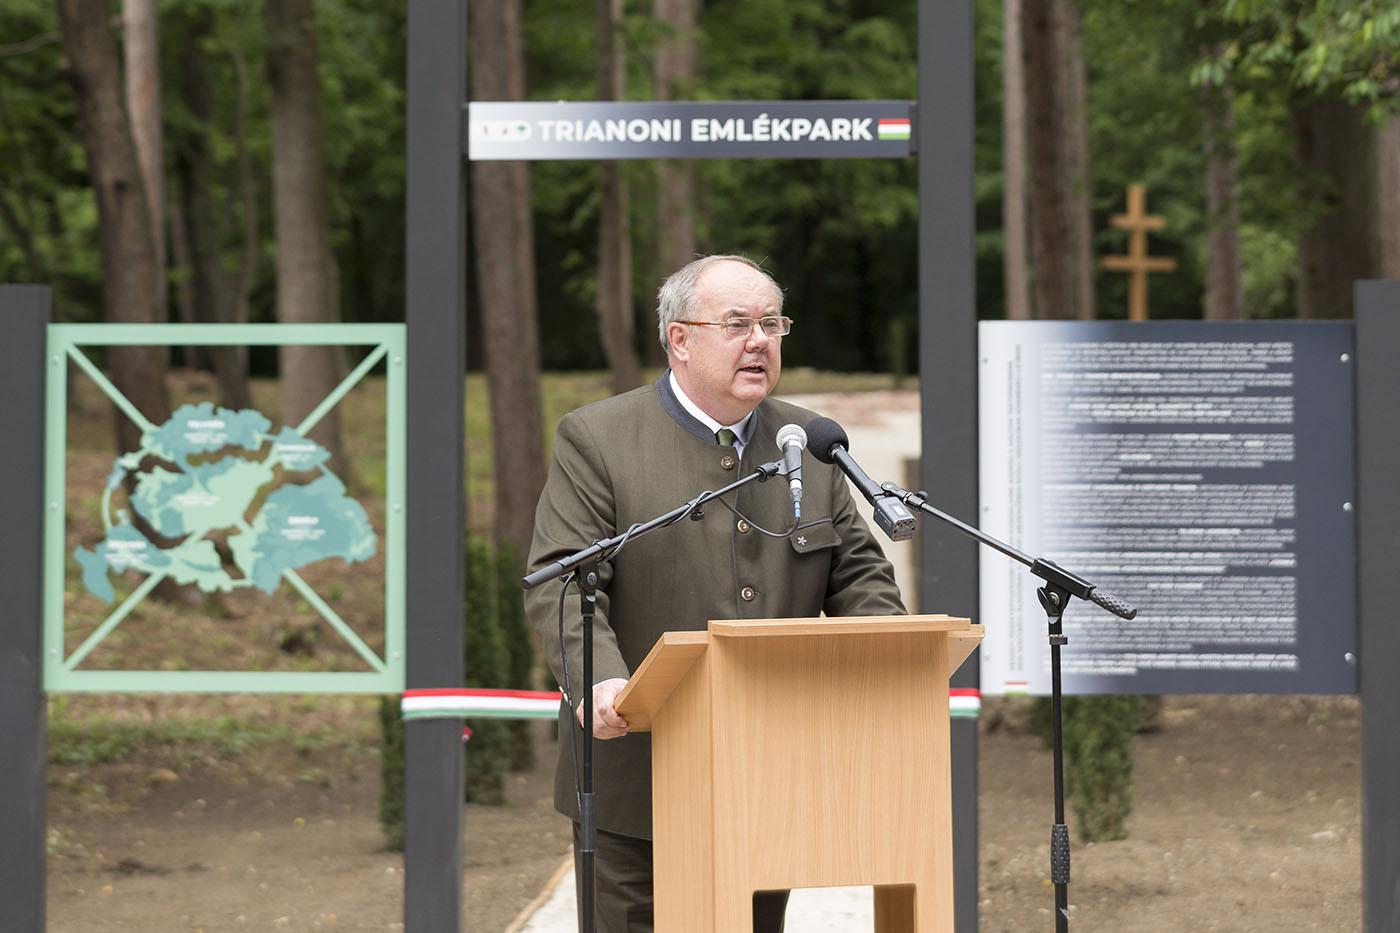 Zámbó Péter, az Agrárminisztérium erdőkért és földügyekért felelős államtitkára